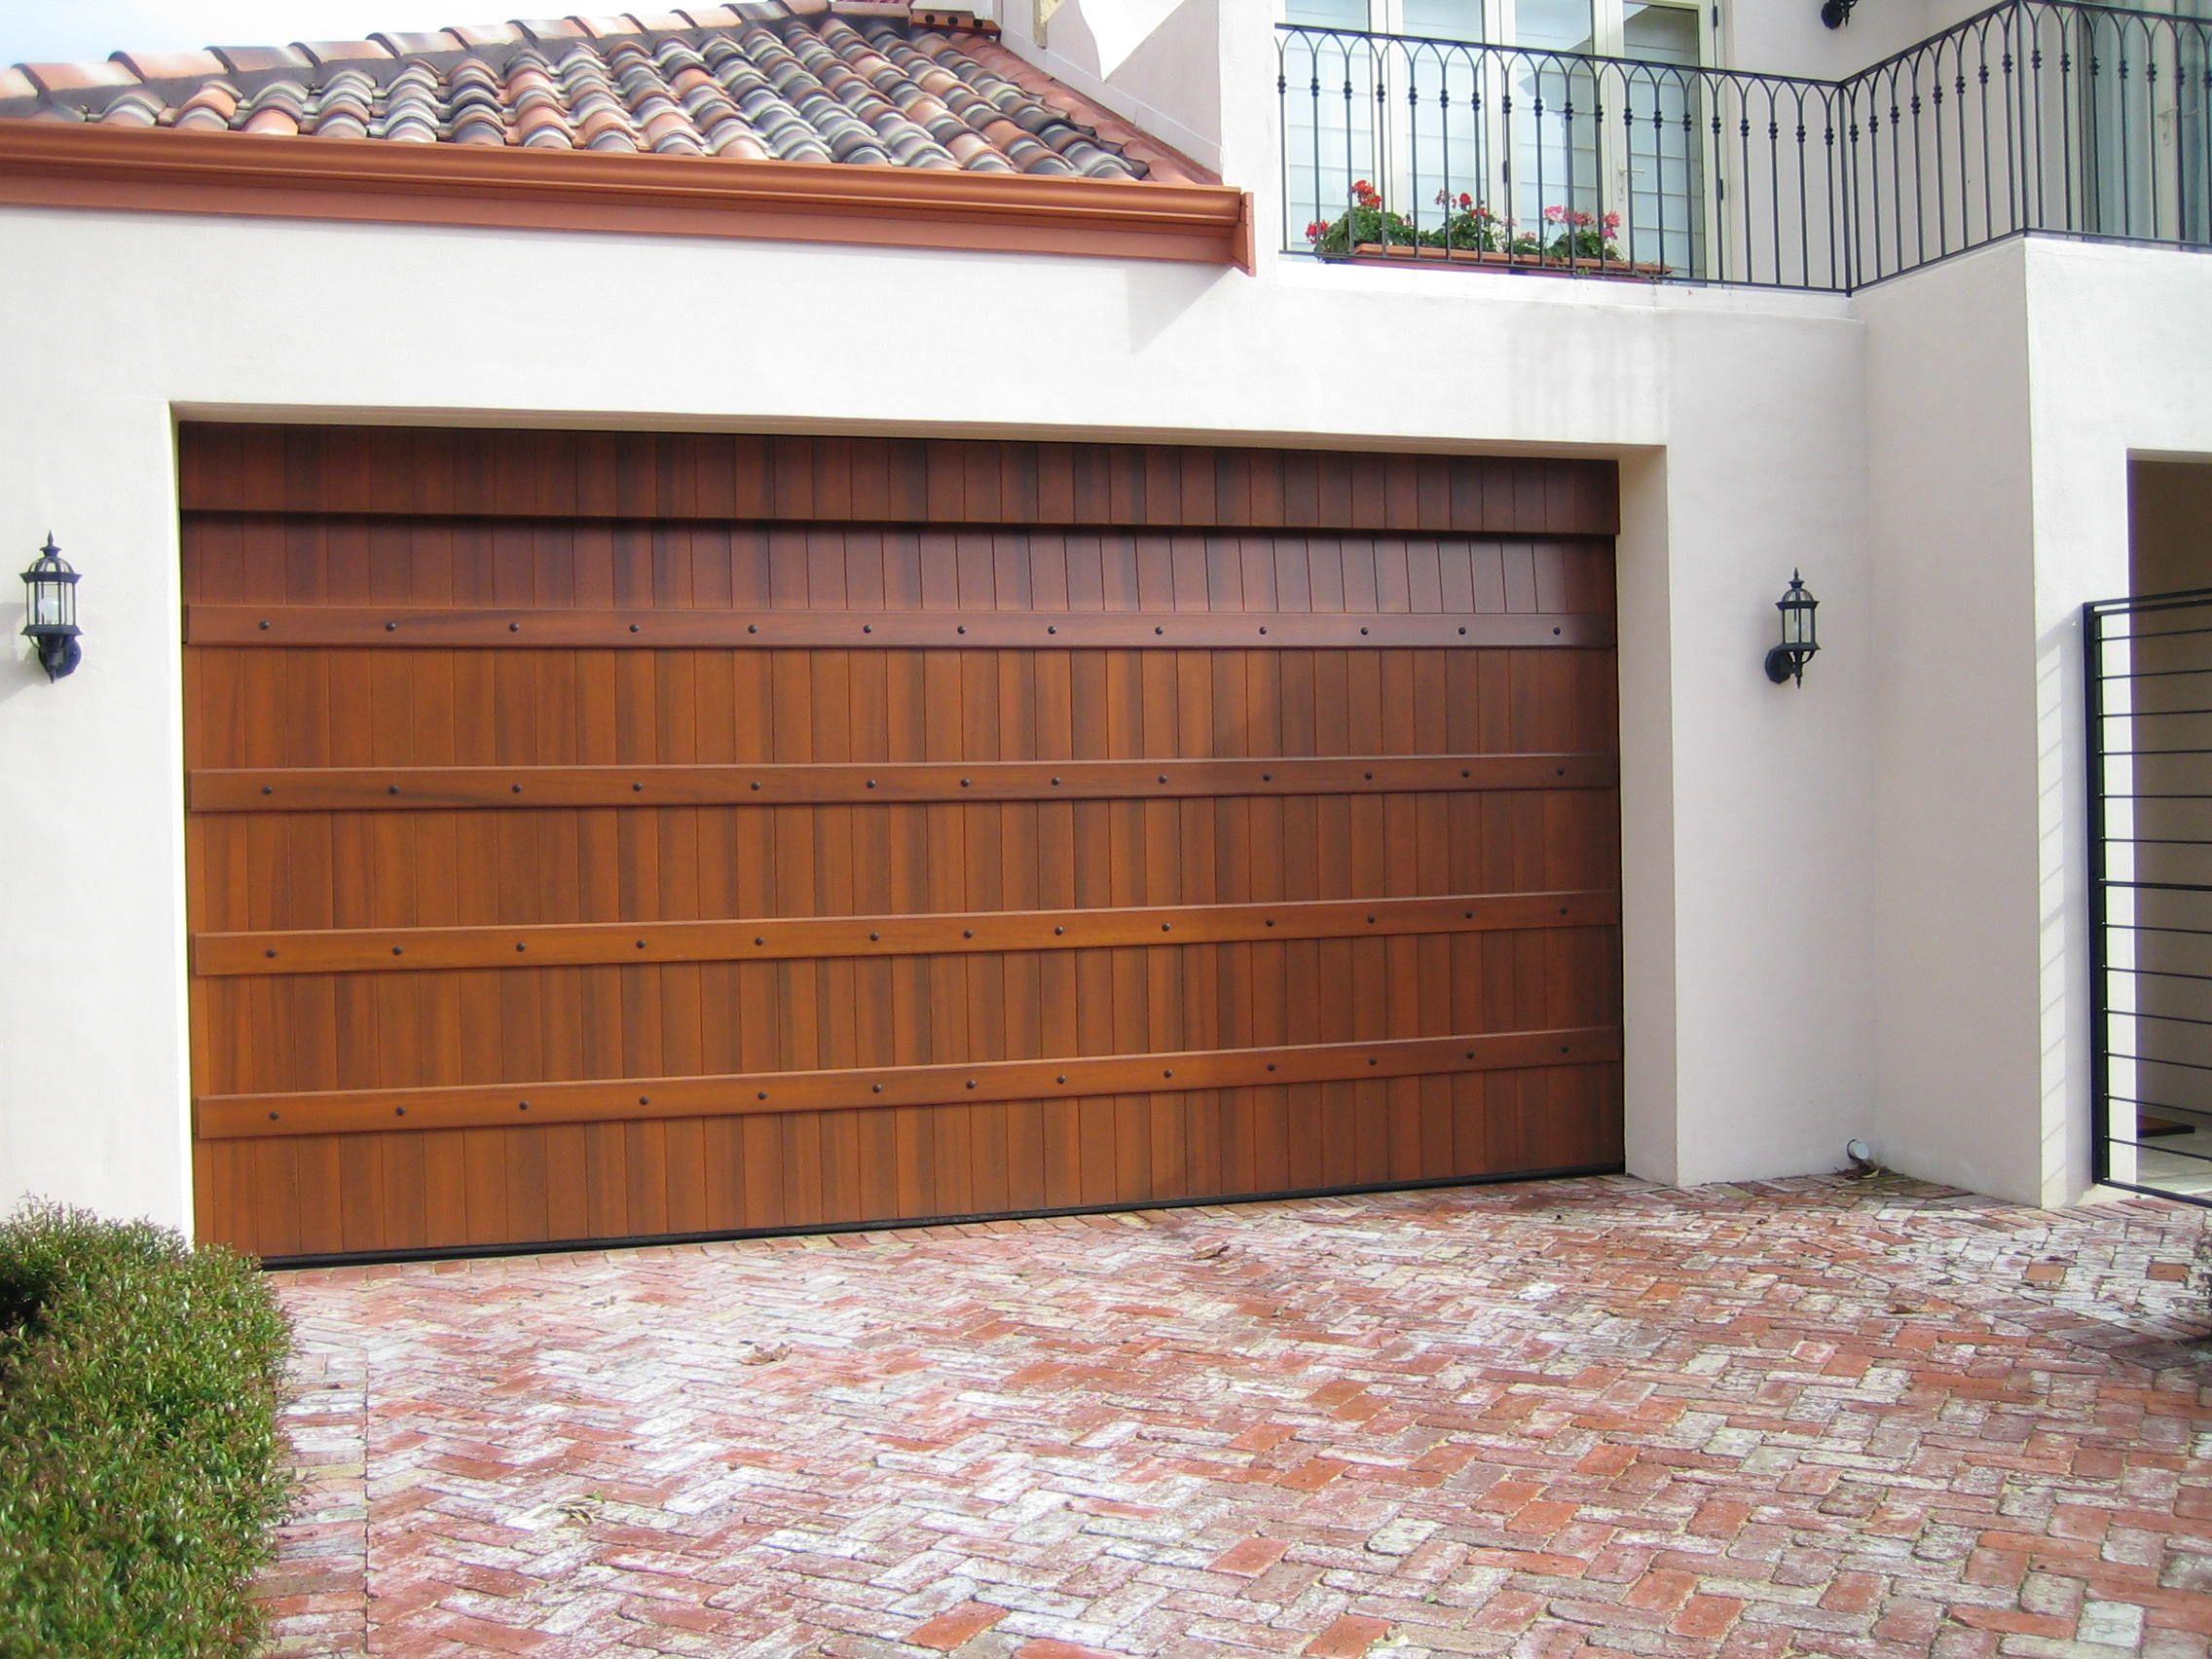 Httpvictorianrollerdoorsgarage doors repairs httpvictorianrollerdoorsgarage doors rubansaba